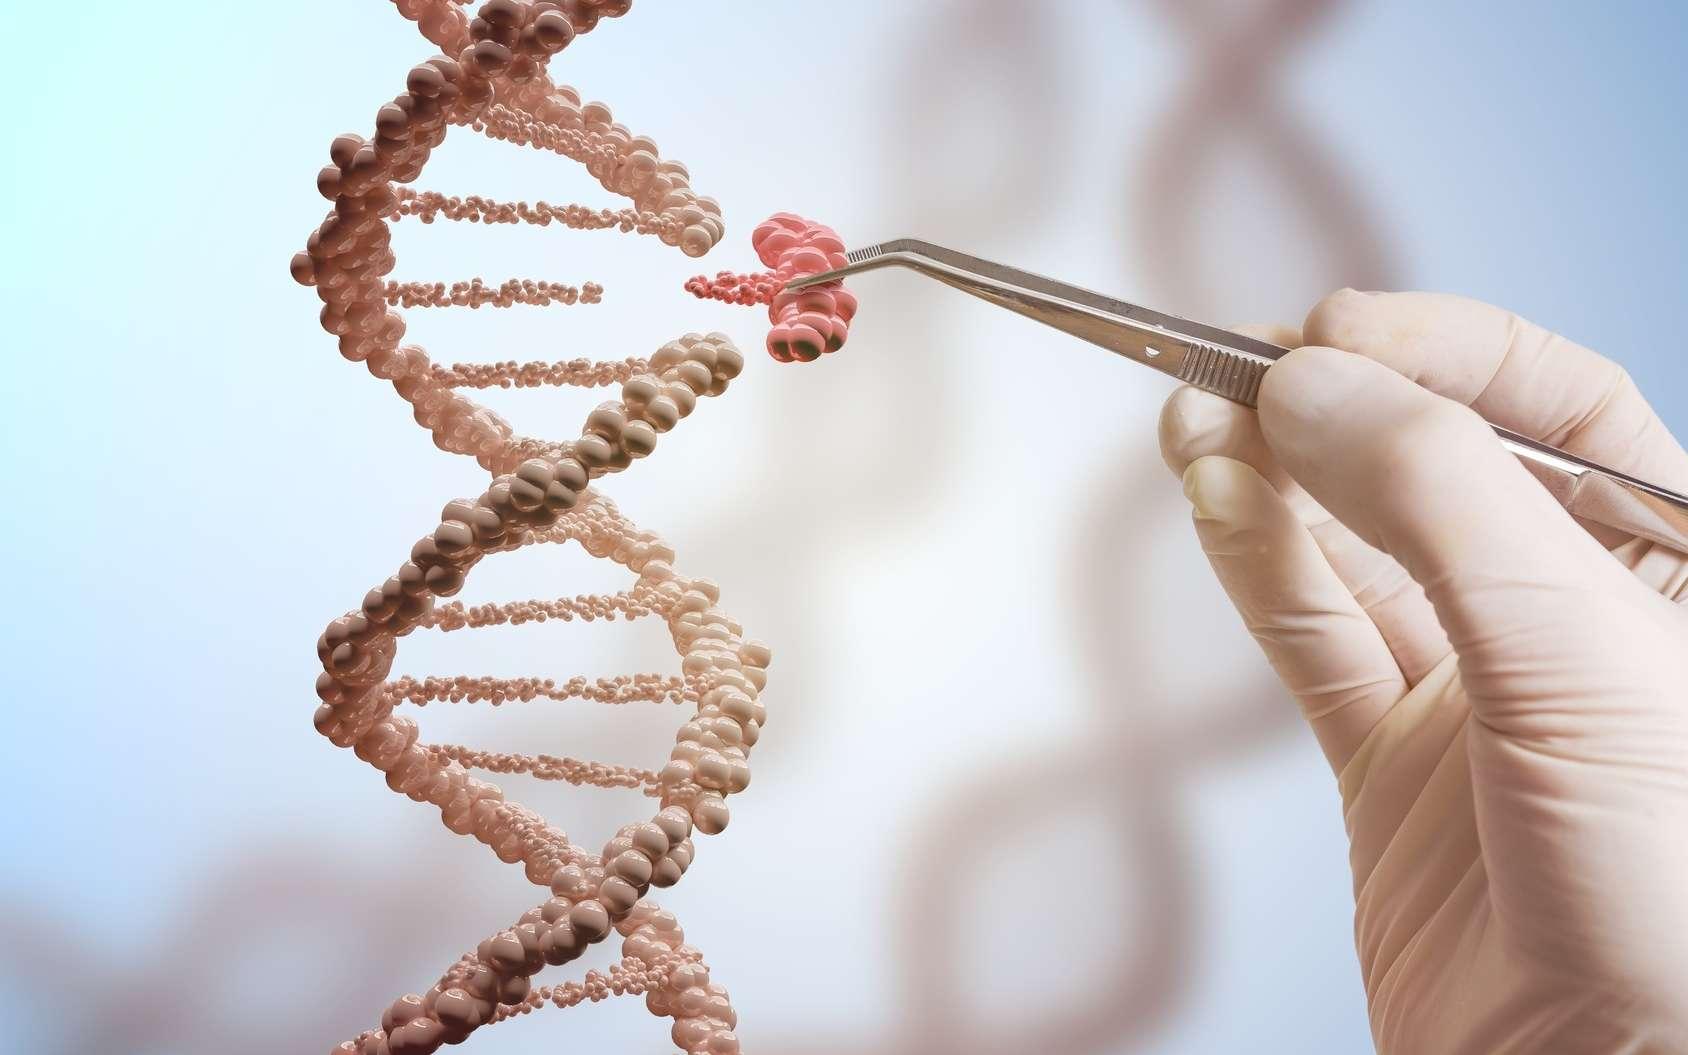 La thérapie génique vise à corriger un gène défaillant. © vchalup, Fotolia